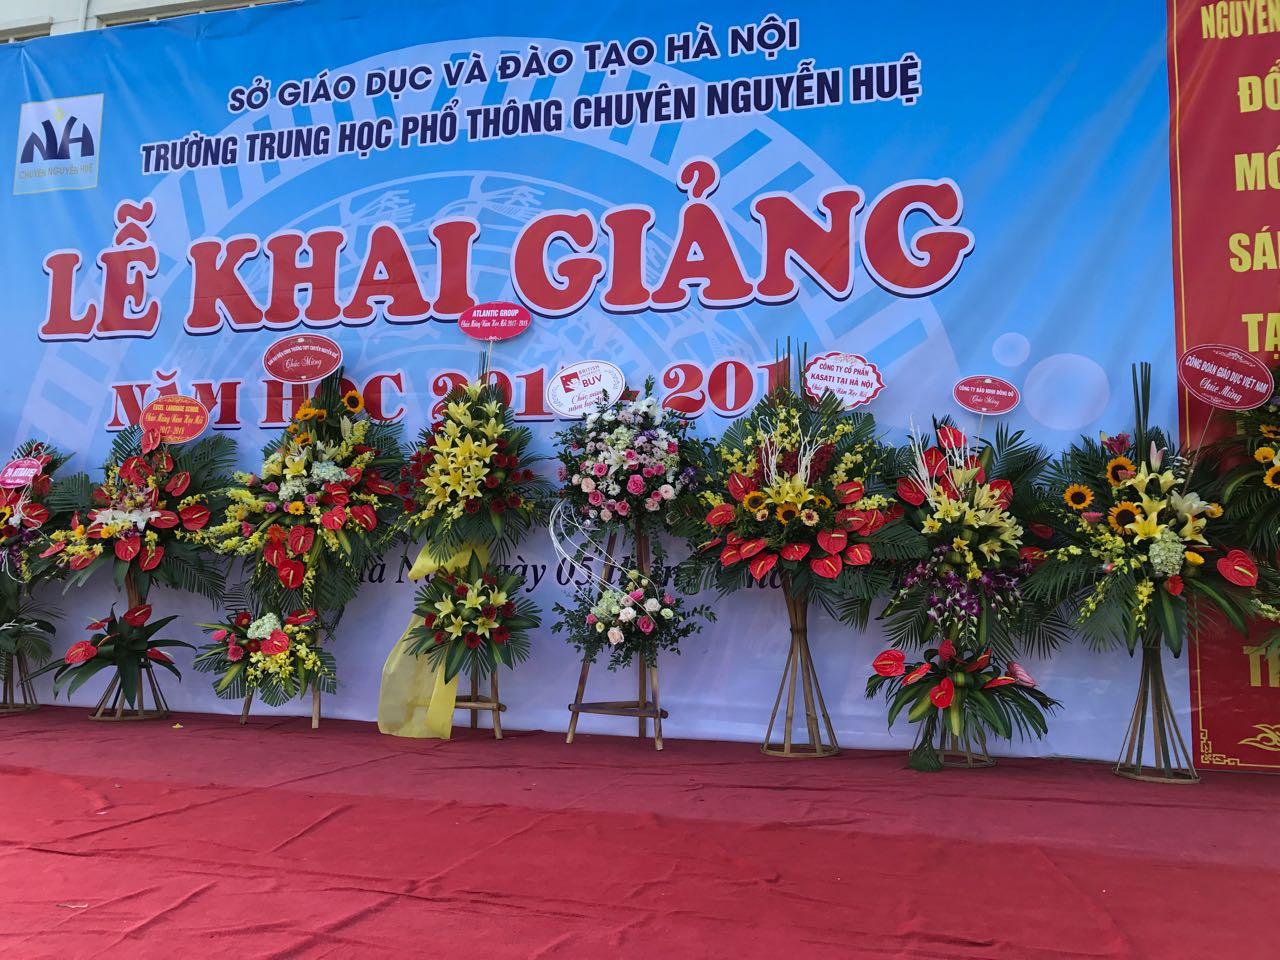 Khai giảng - Trường THPT chuyên Nguyễn Huệ